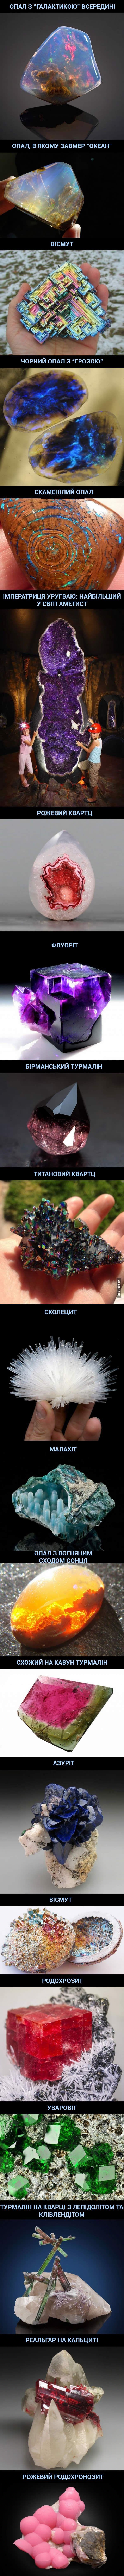 Різноманітні природні мінерали фото інфографіка